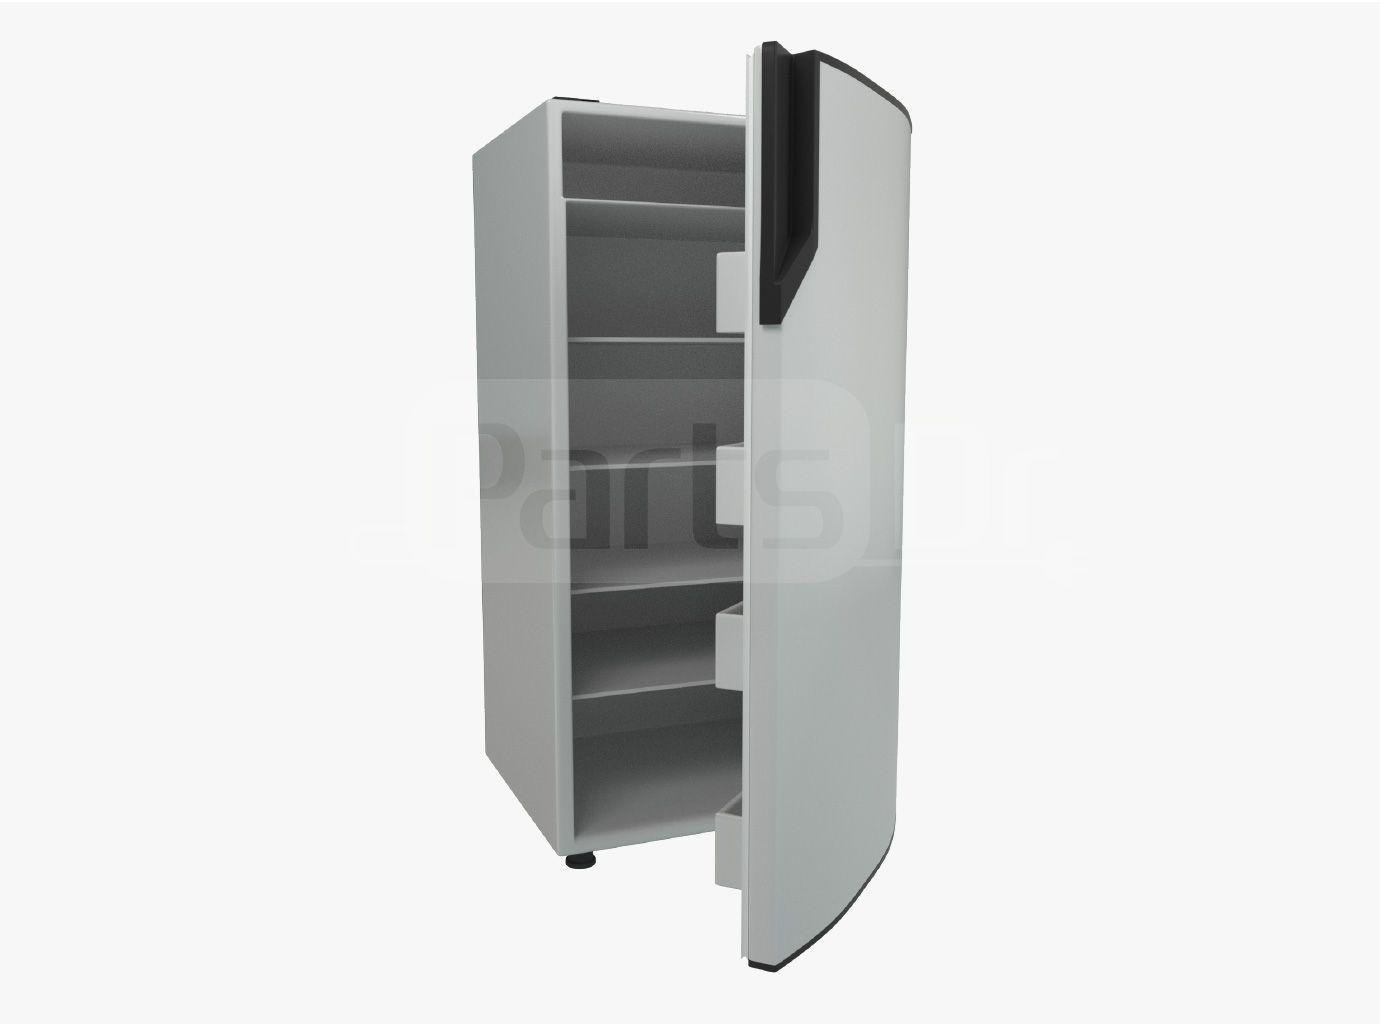 How To Test A Ge Refrigerator Thermistor Sensor Diy Home Repair Locker Storage Samsung Refrigerator